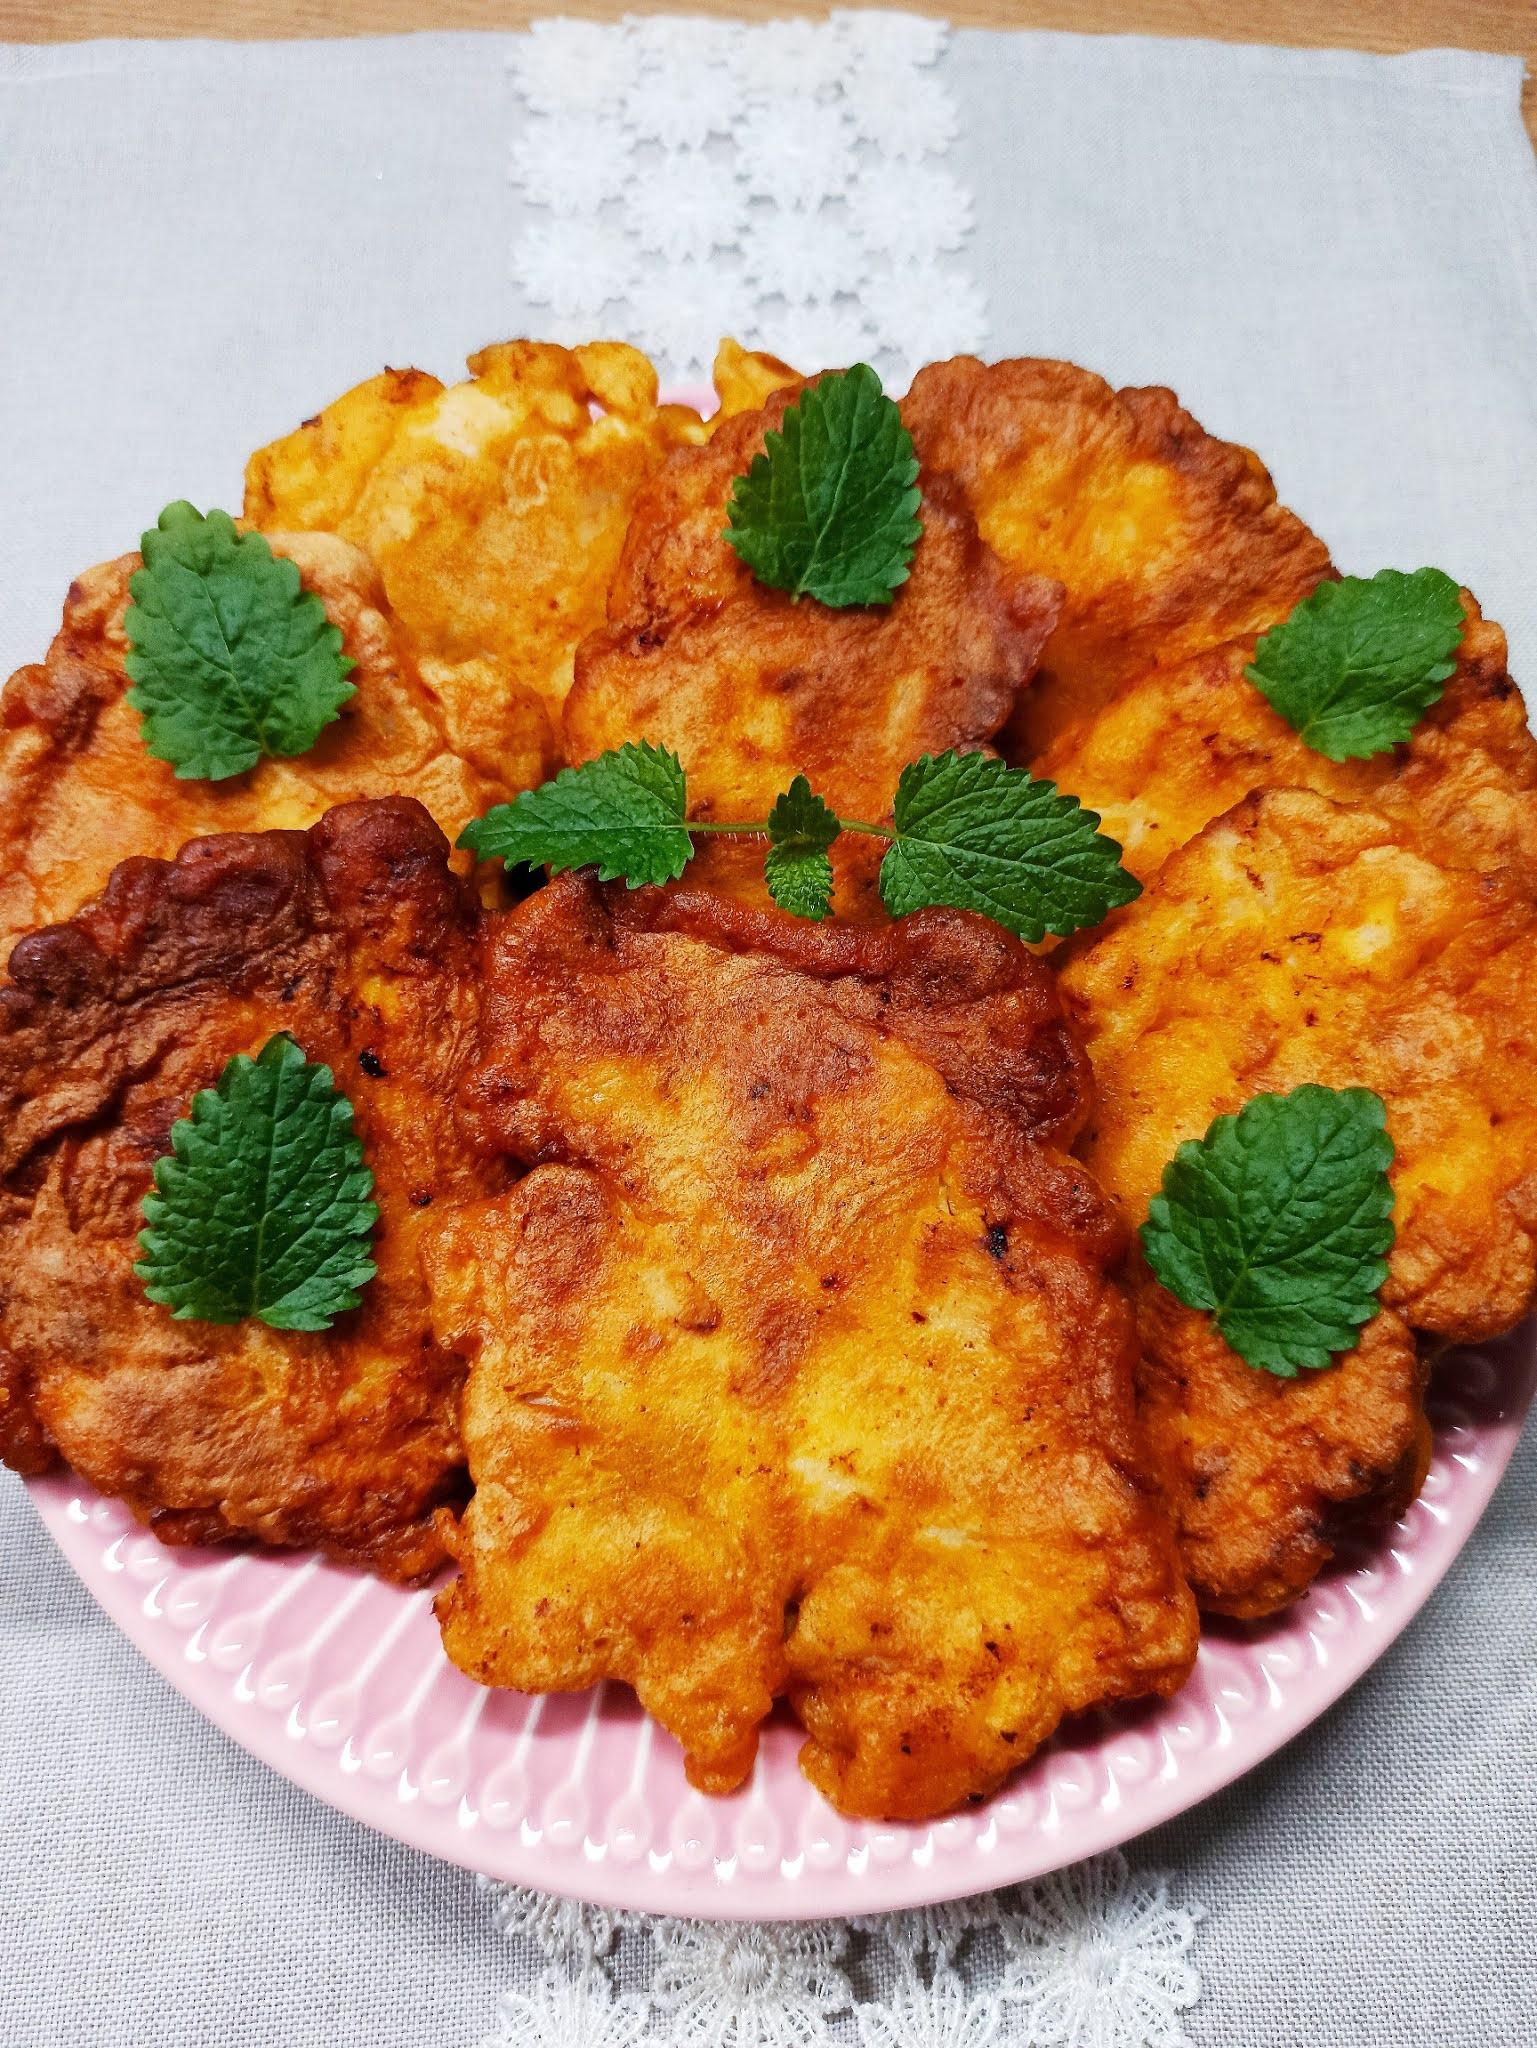 Kotlety z kurczaka w majonezowej panierce